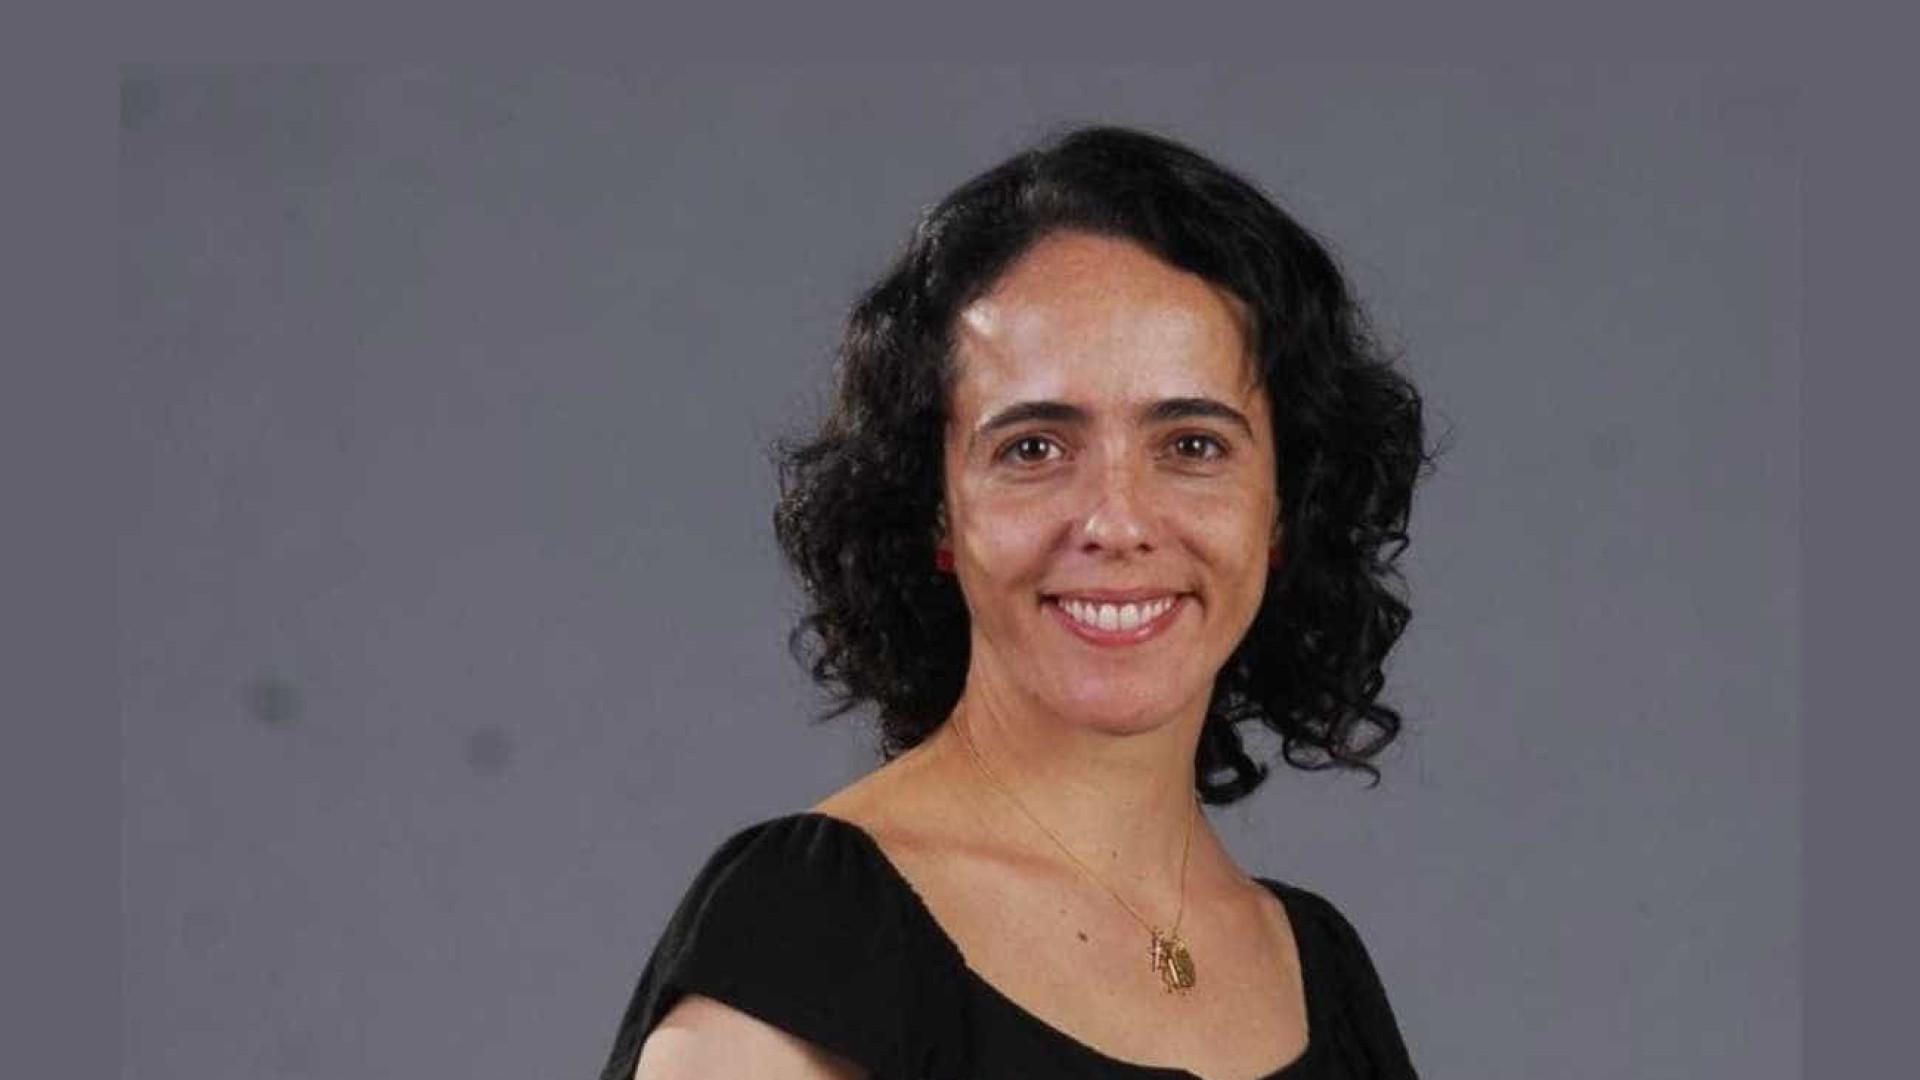 Assessoria de Silvia Buarque nega câncer  e depressão profunda